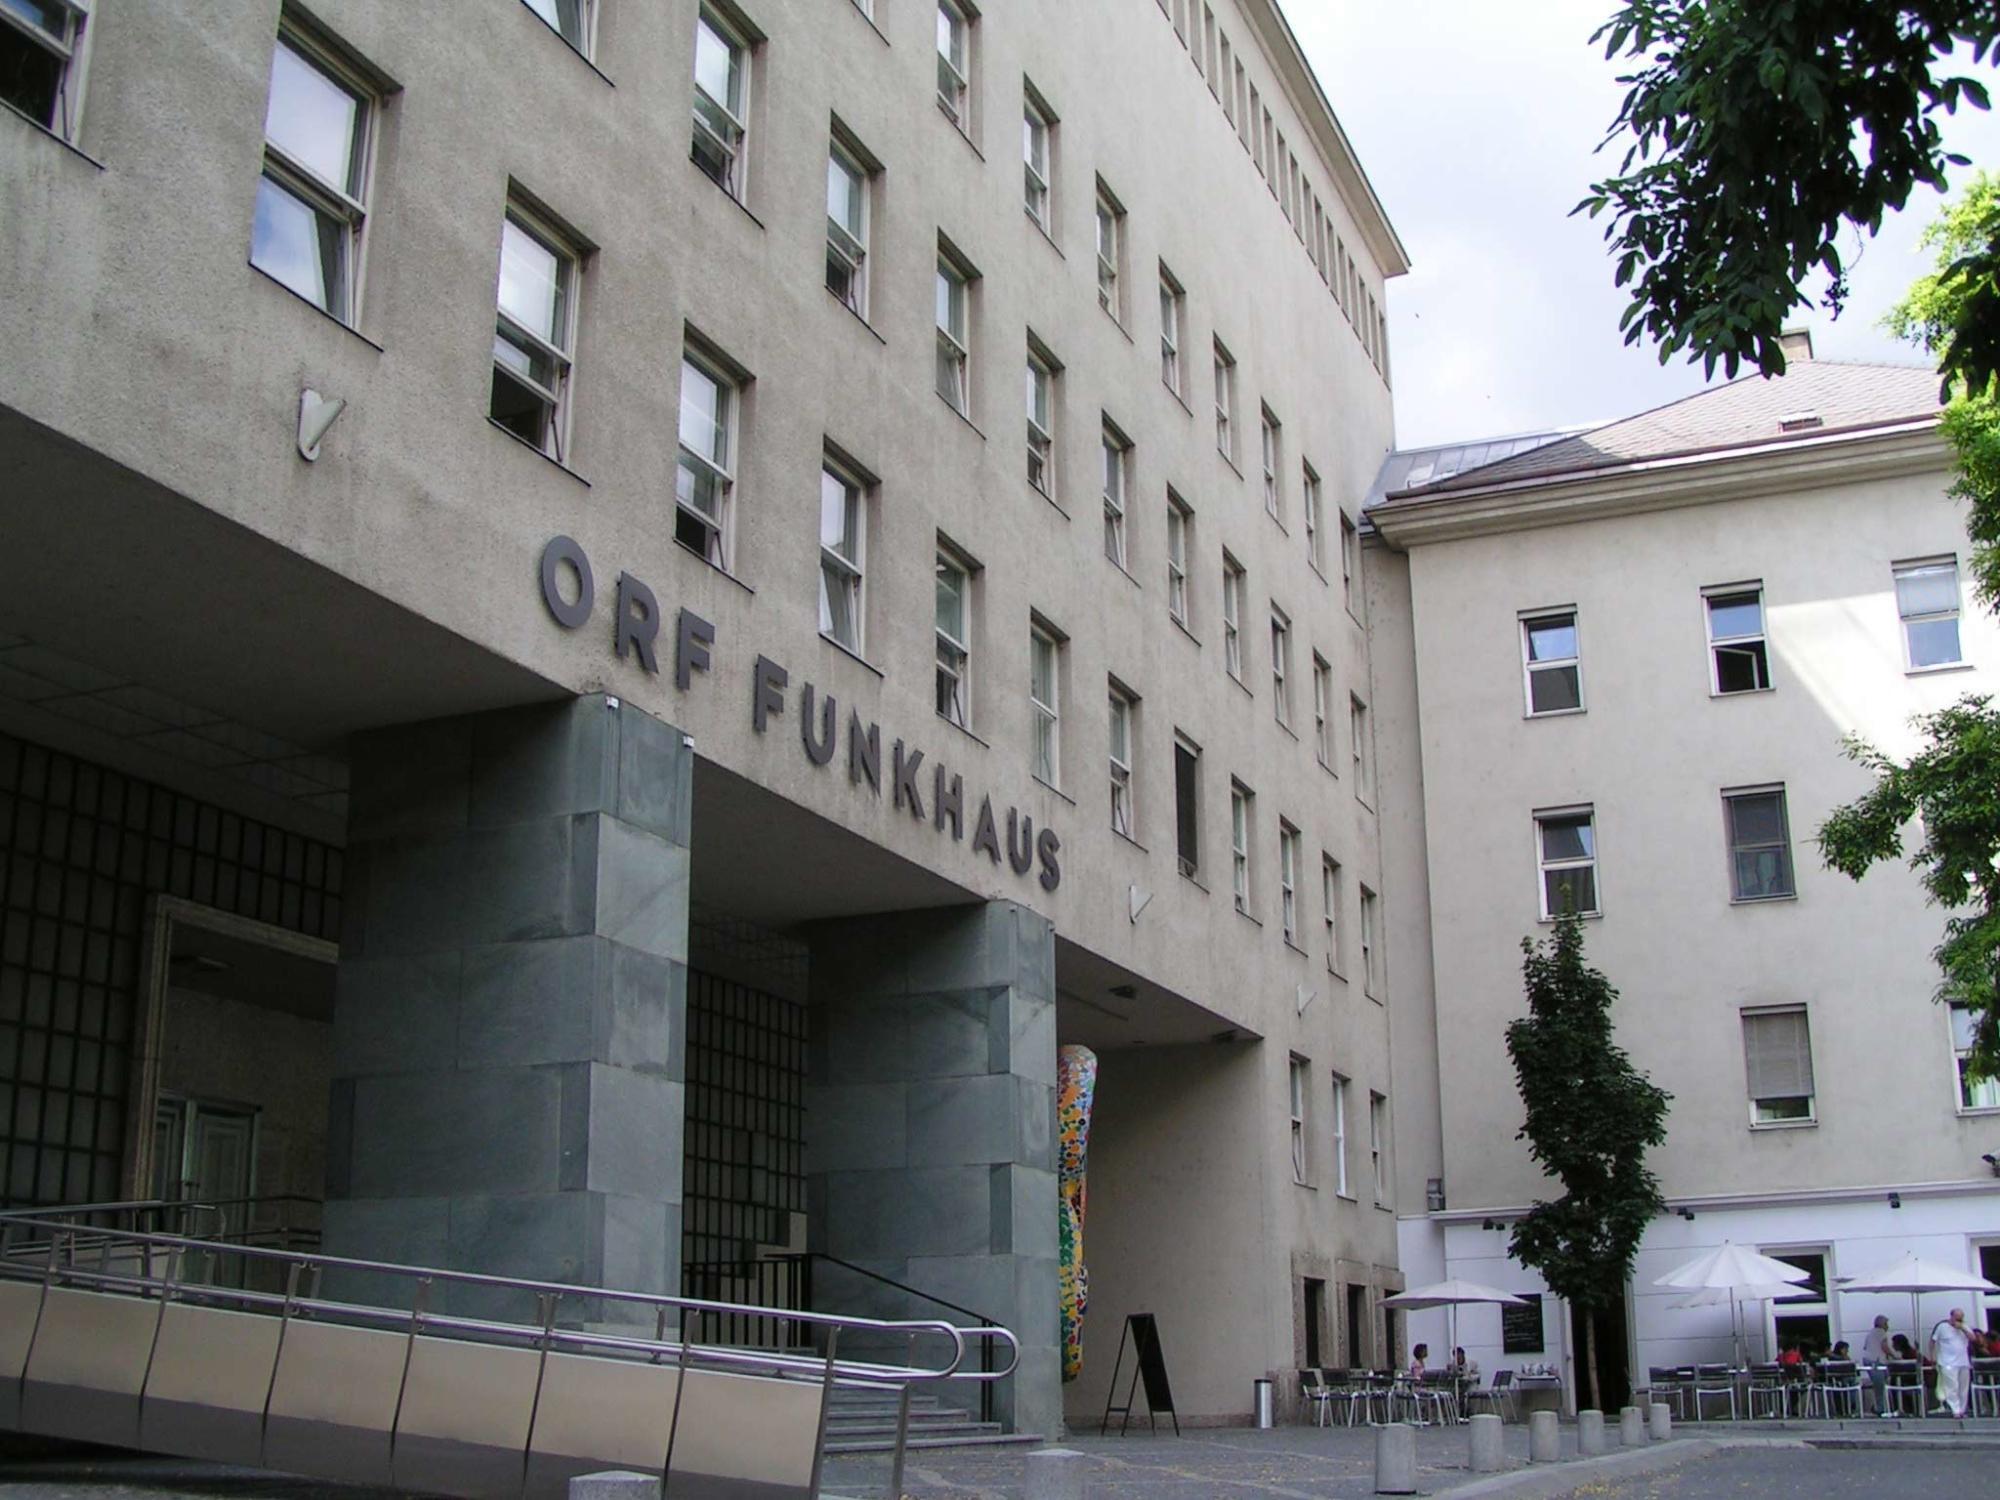 """Graues Gebäude mit Aufschrift """"ORF Funkhaus"""""""